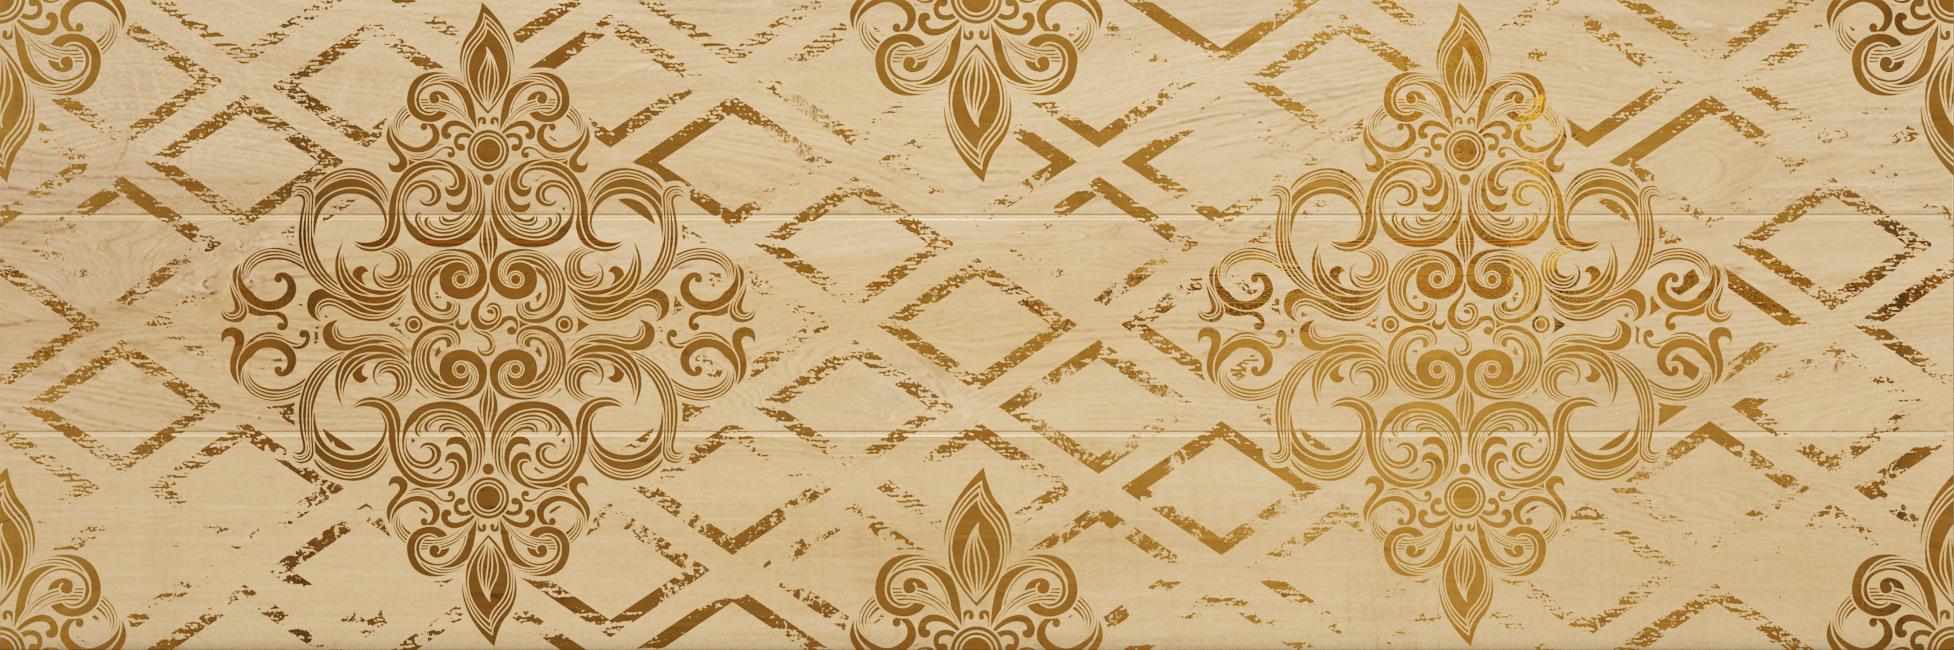 Купить Керамическая плитка AltaСera Imprint декор 20x60, Россия